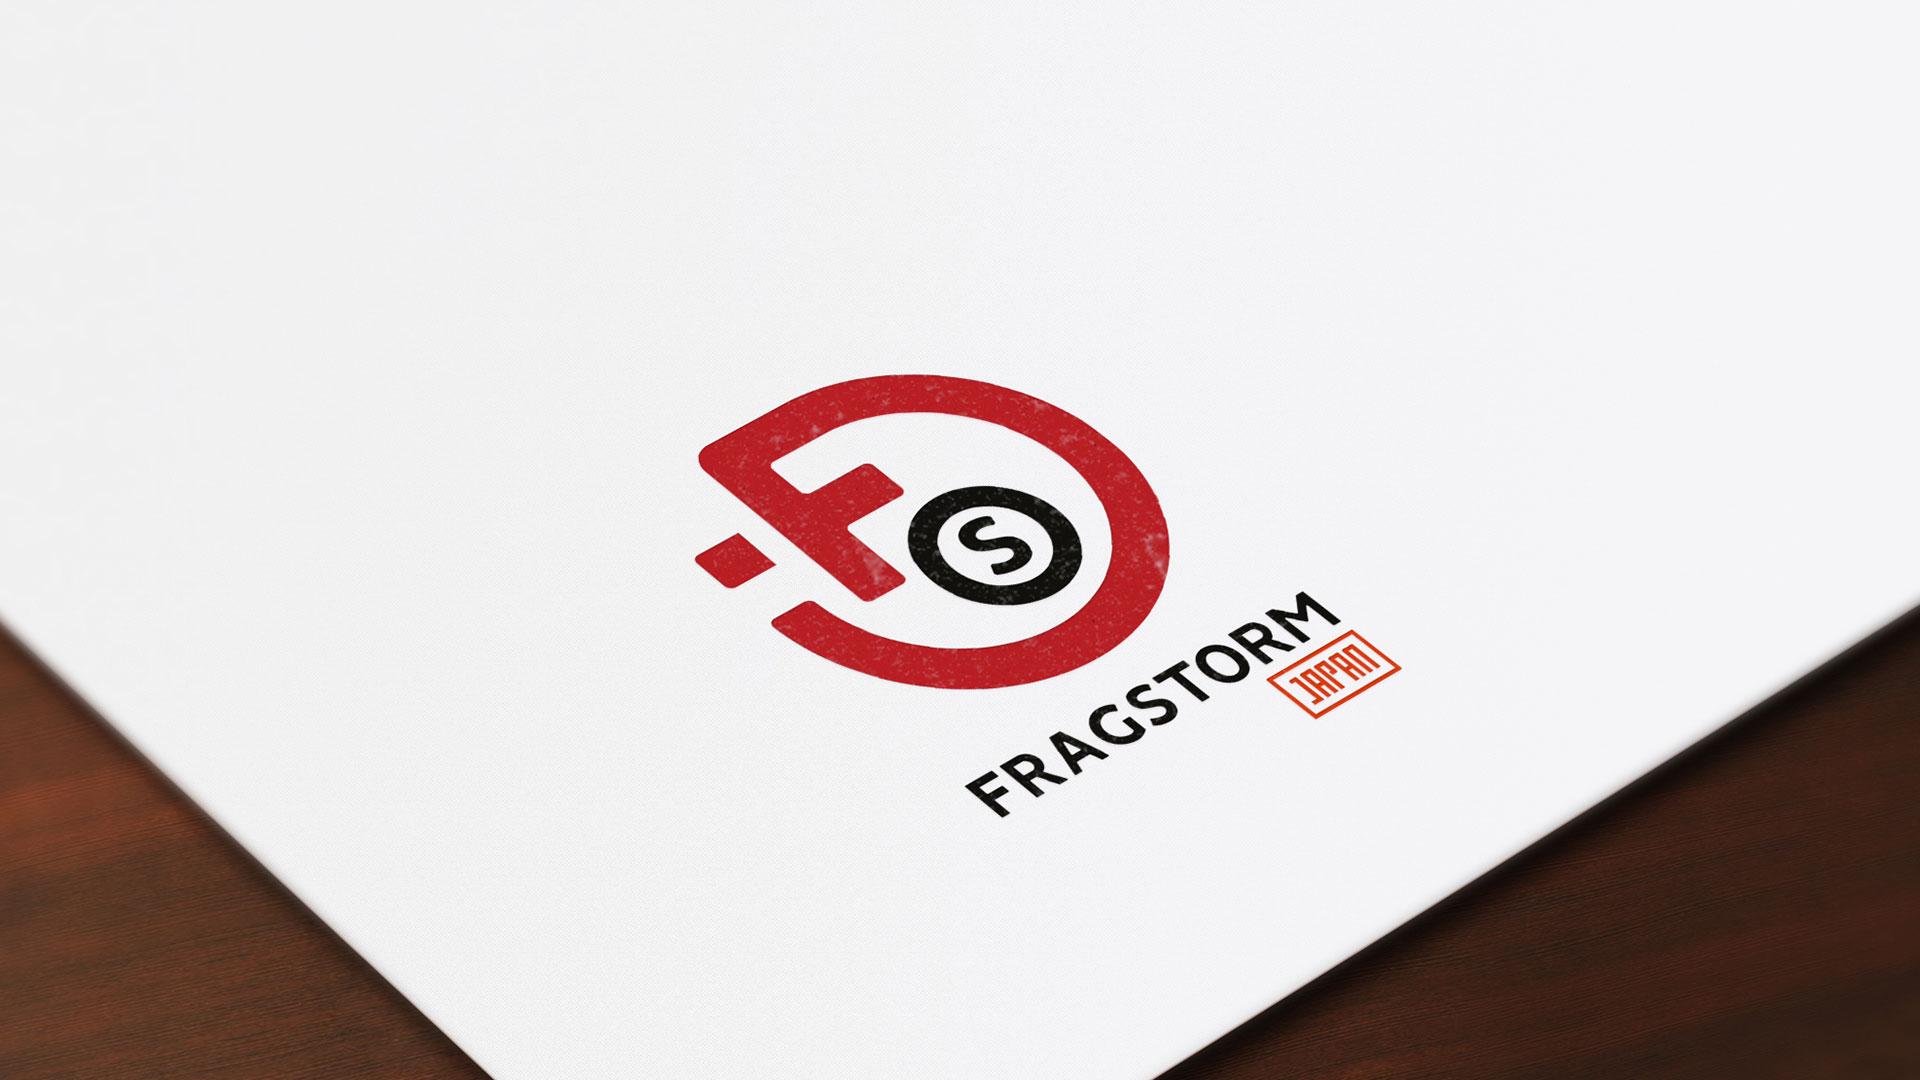 Refonte logo communauté de jeux-vidéos, Fragstorm